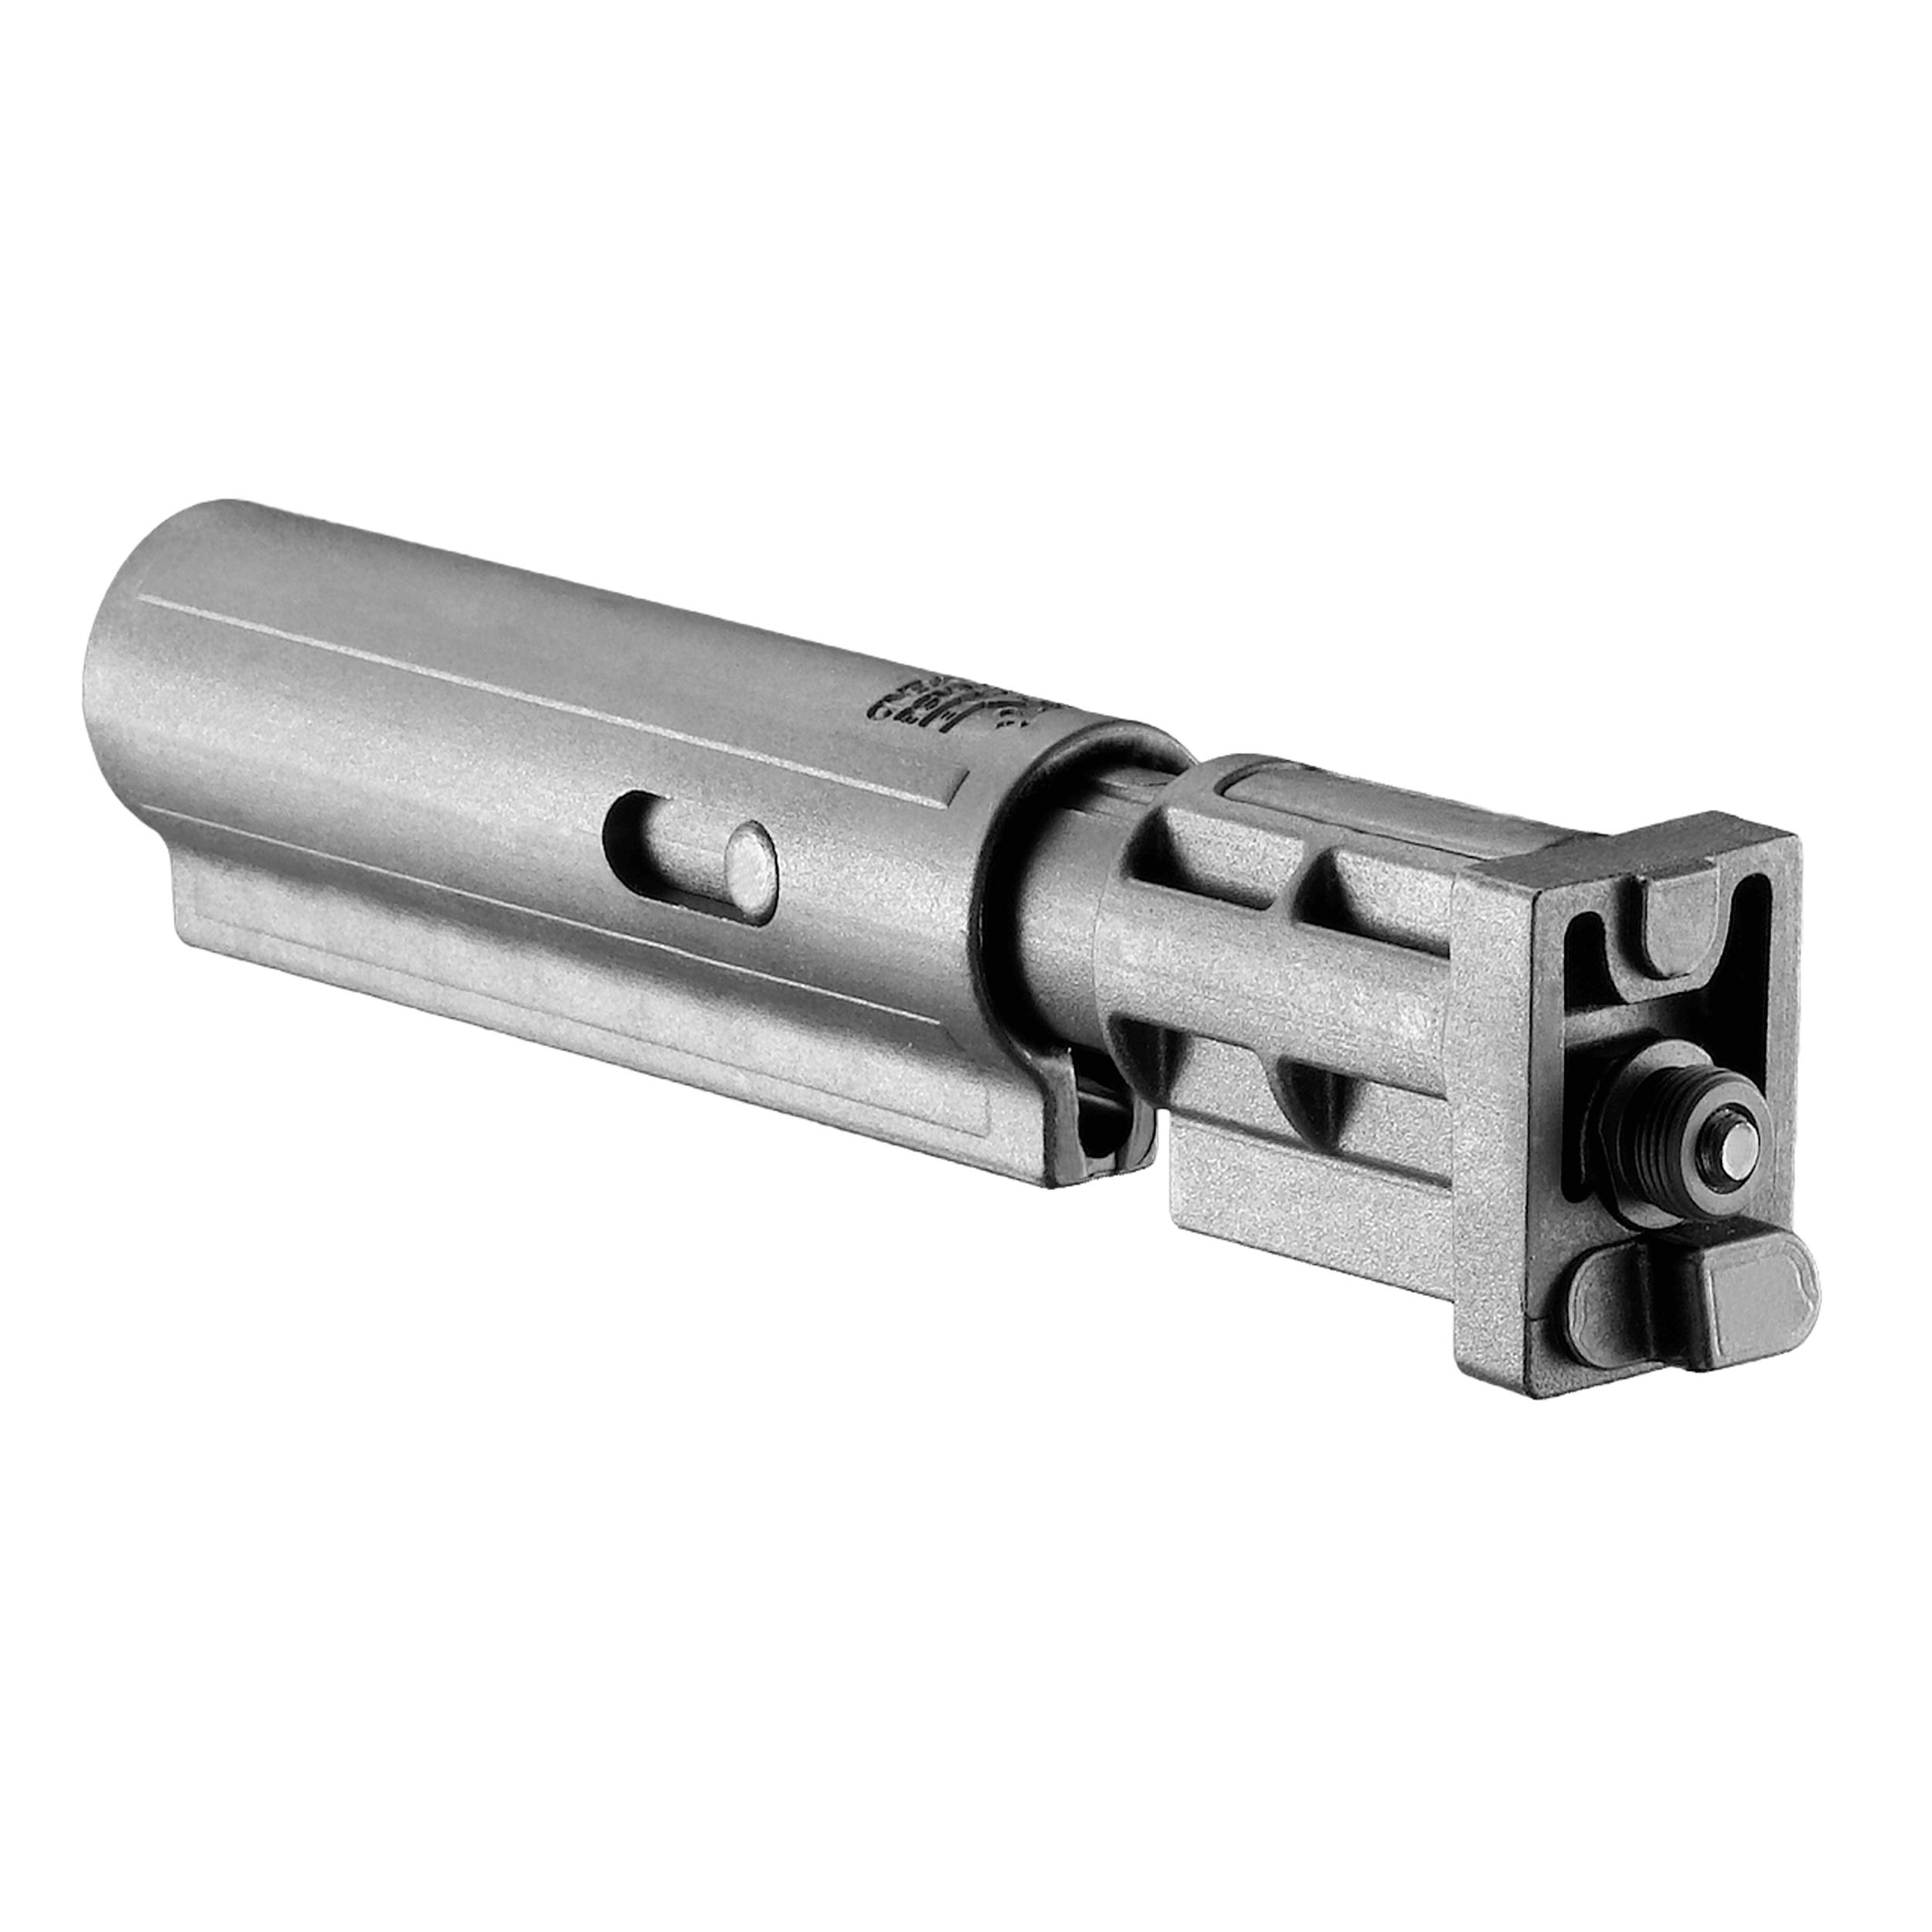 VZ58 Buffer Tube / recoil reducing